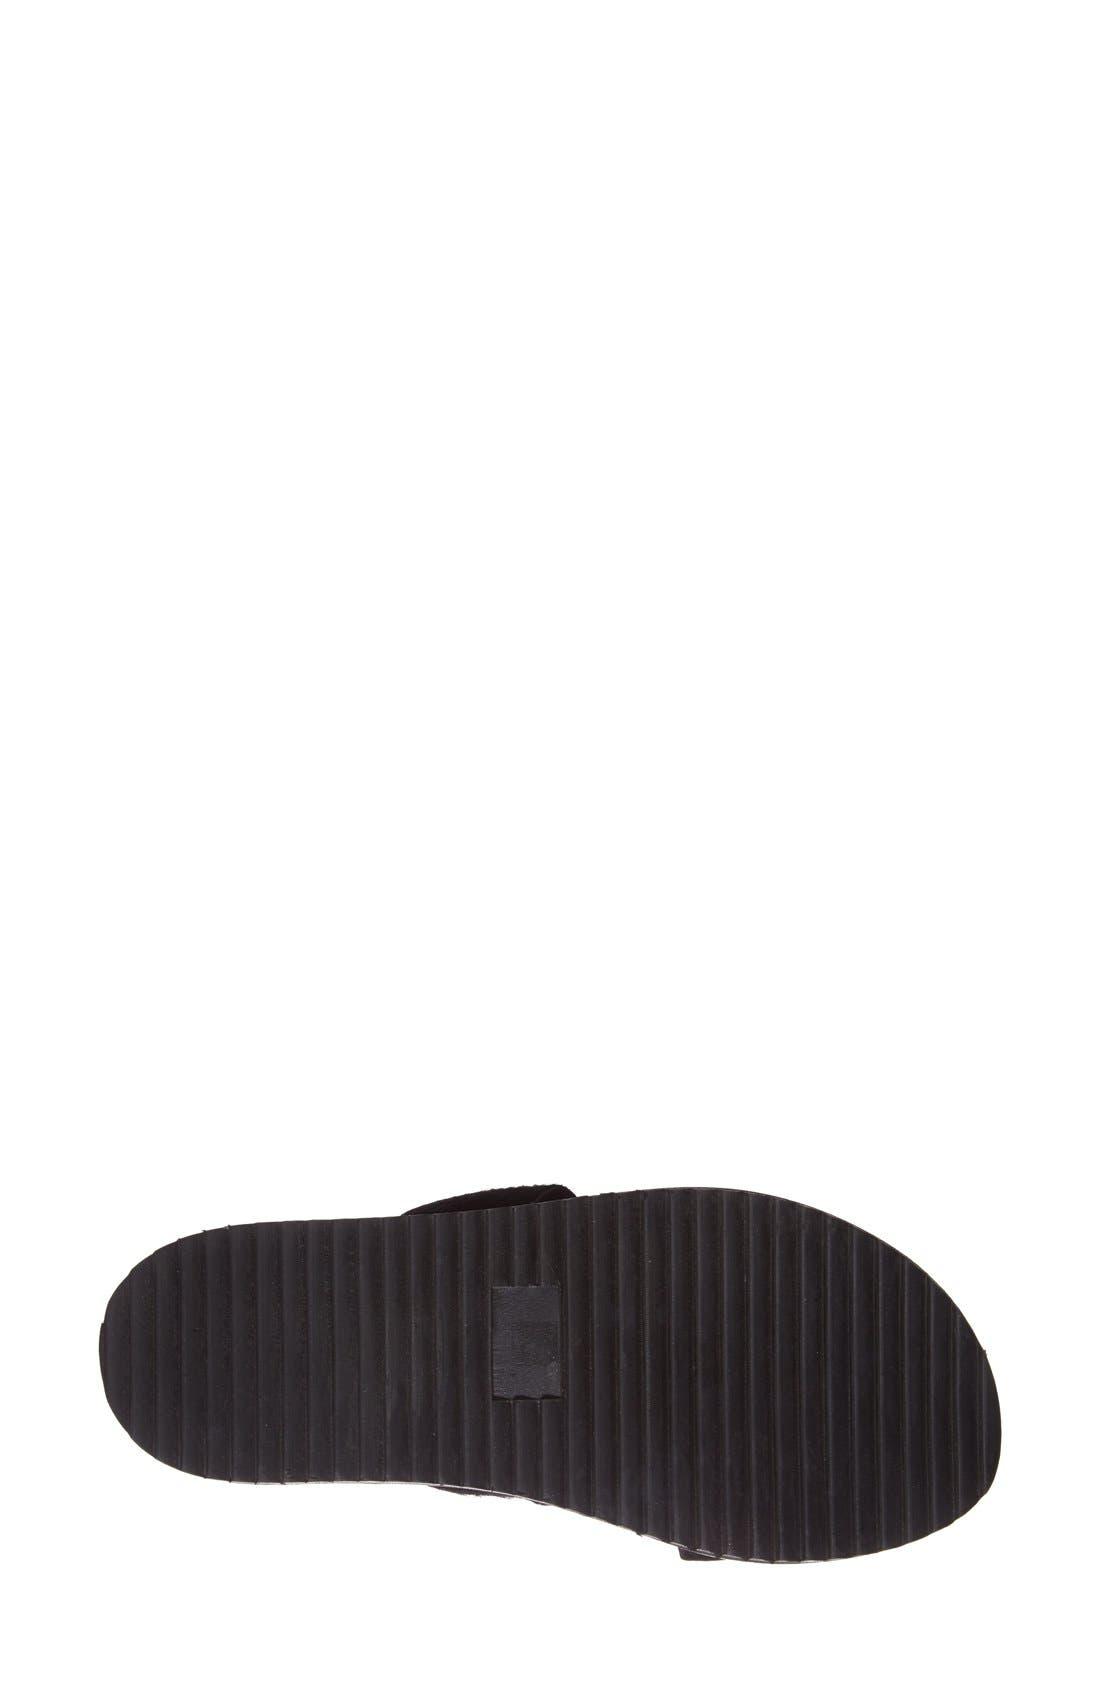 Alternate Image 4  - KG Kurt Geiger 'Monarch' Embellished Calf Hair Slide Sandal (Women)